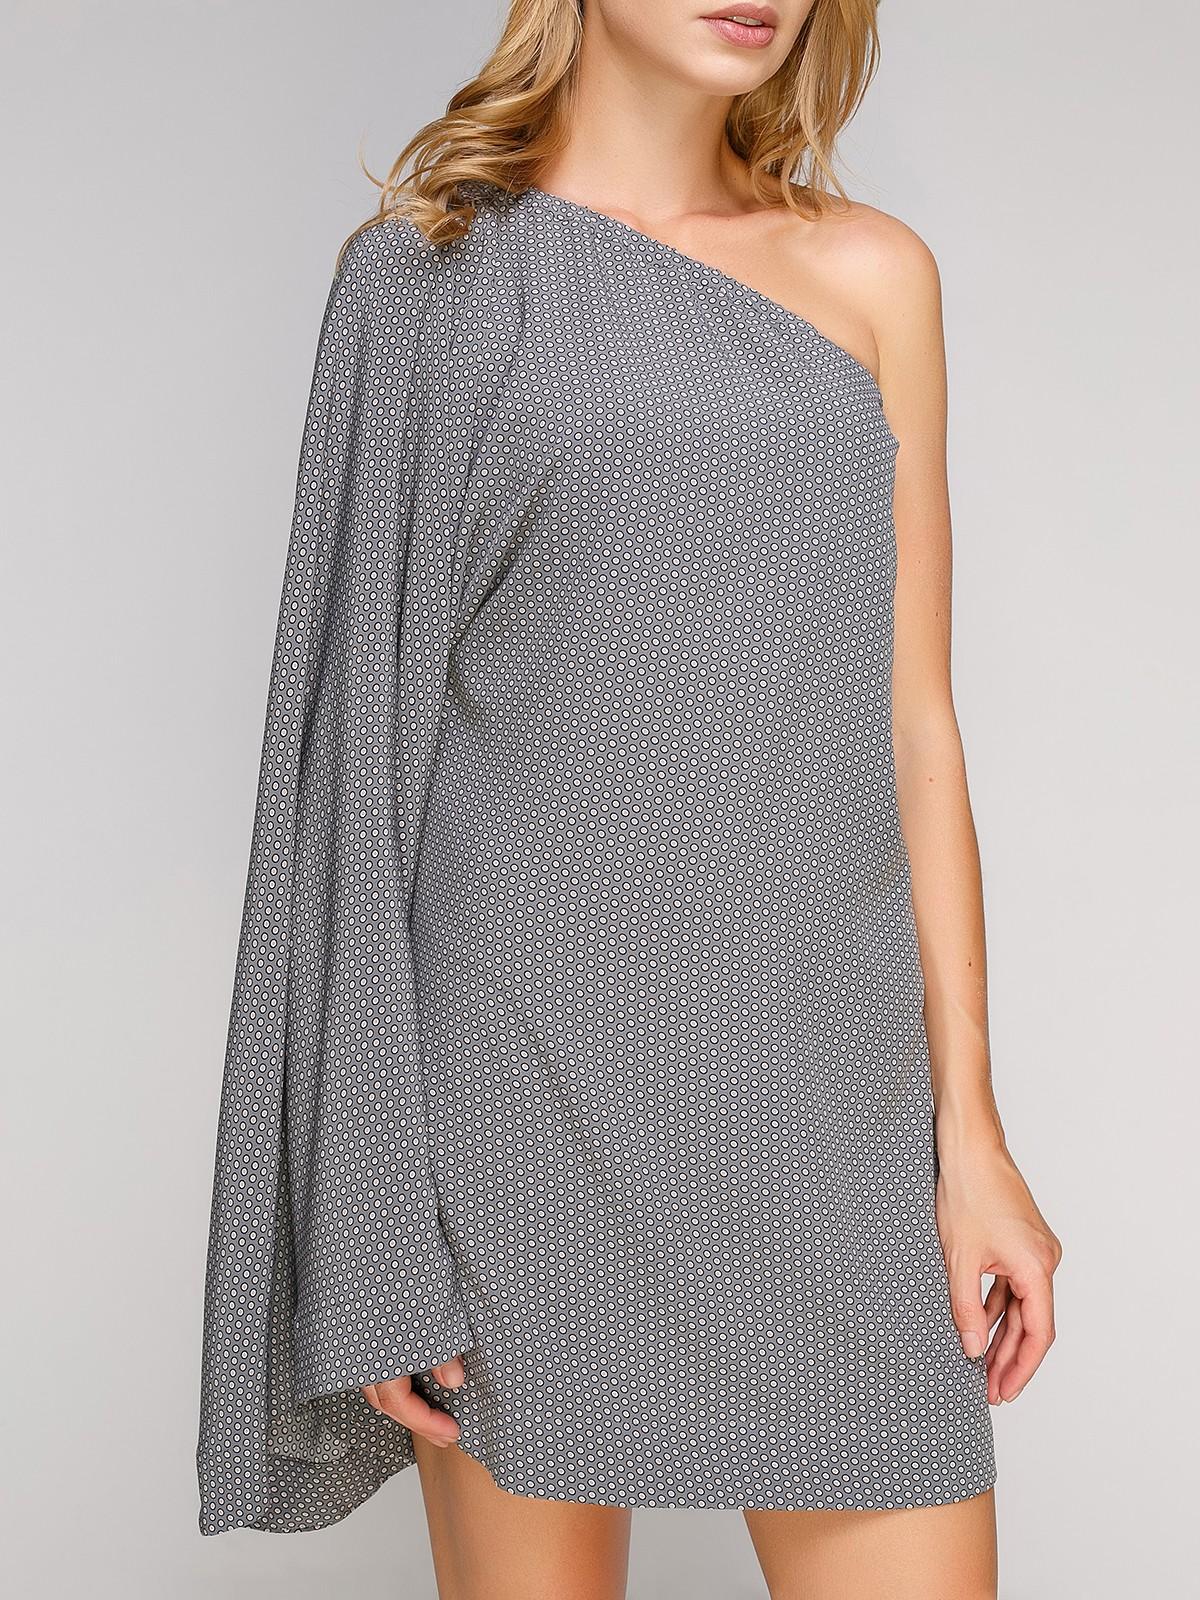 Платье женские Anna Yakovenko модель 2702 отзывы, 2017